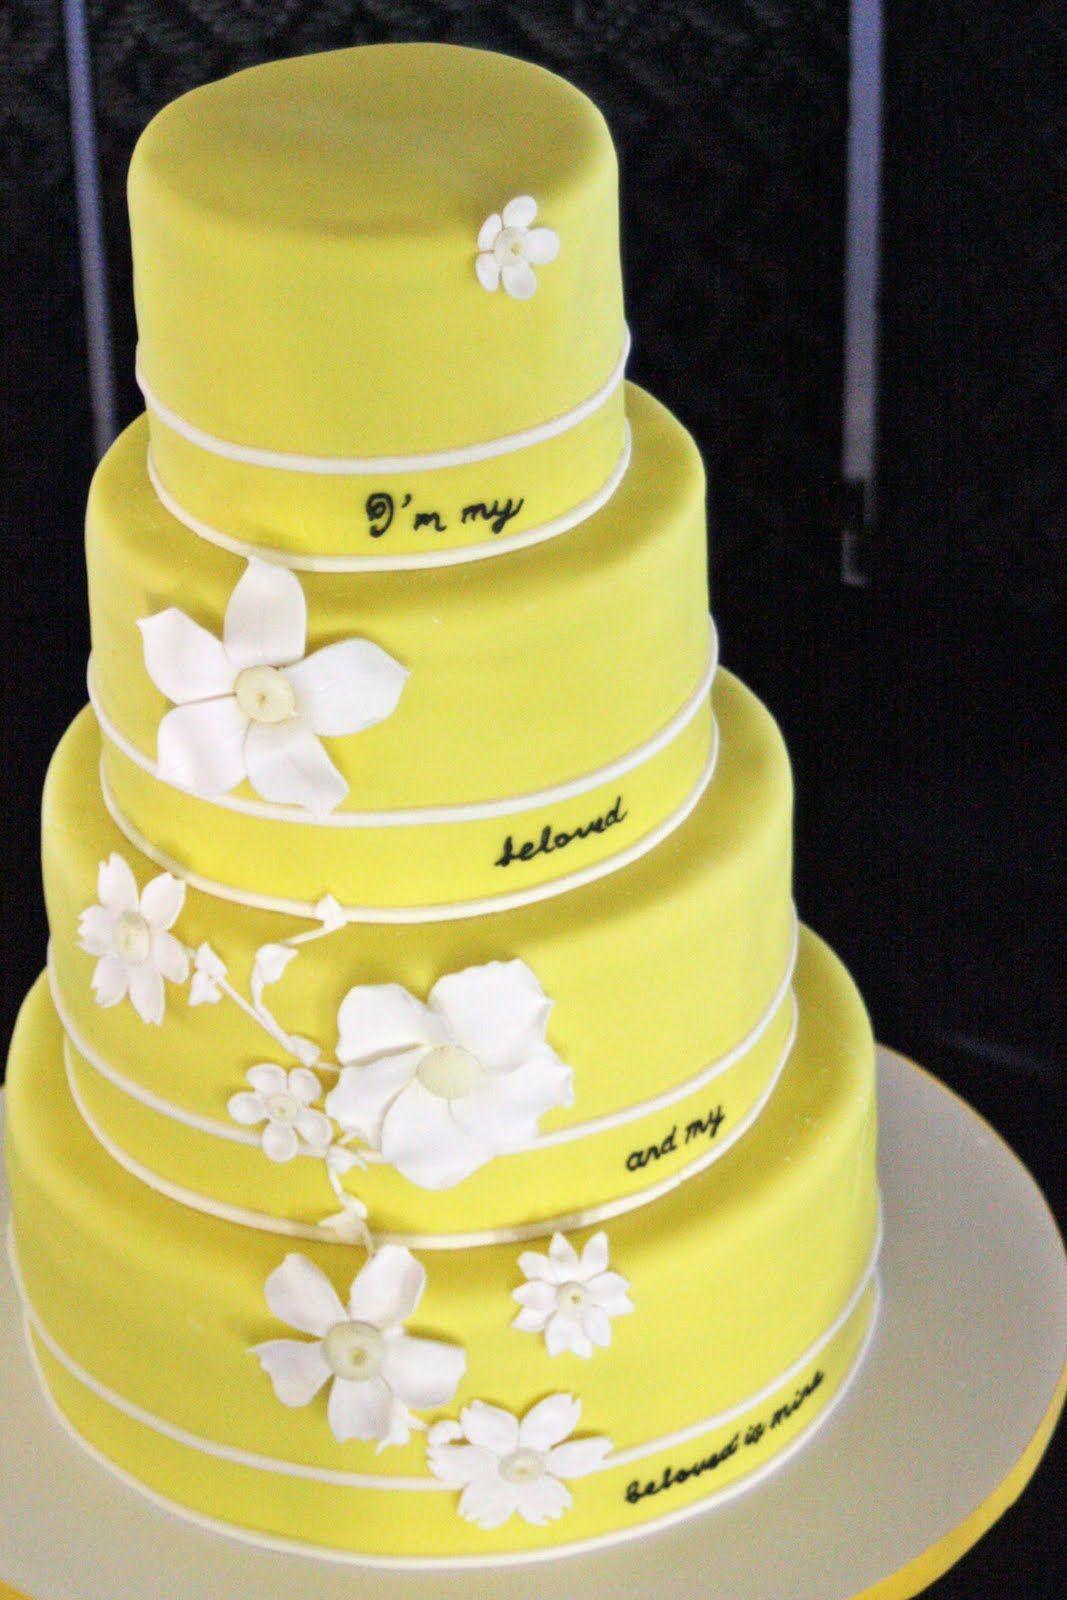 yellow tier | Yellow cake | Pinterest | Cake